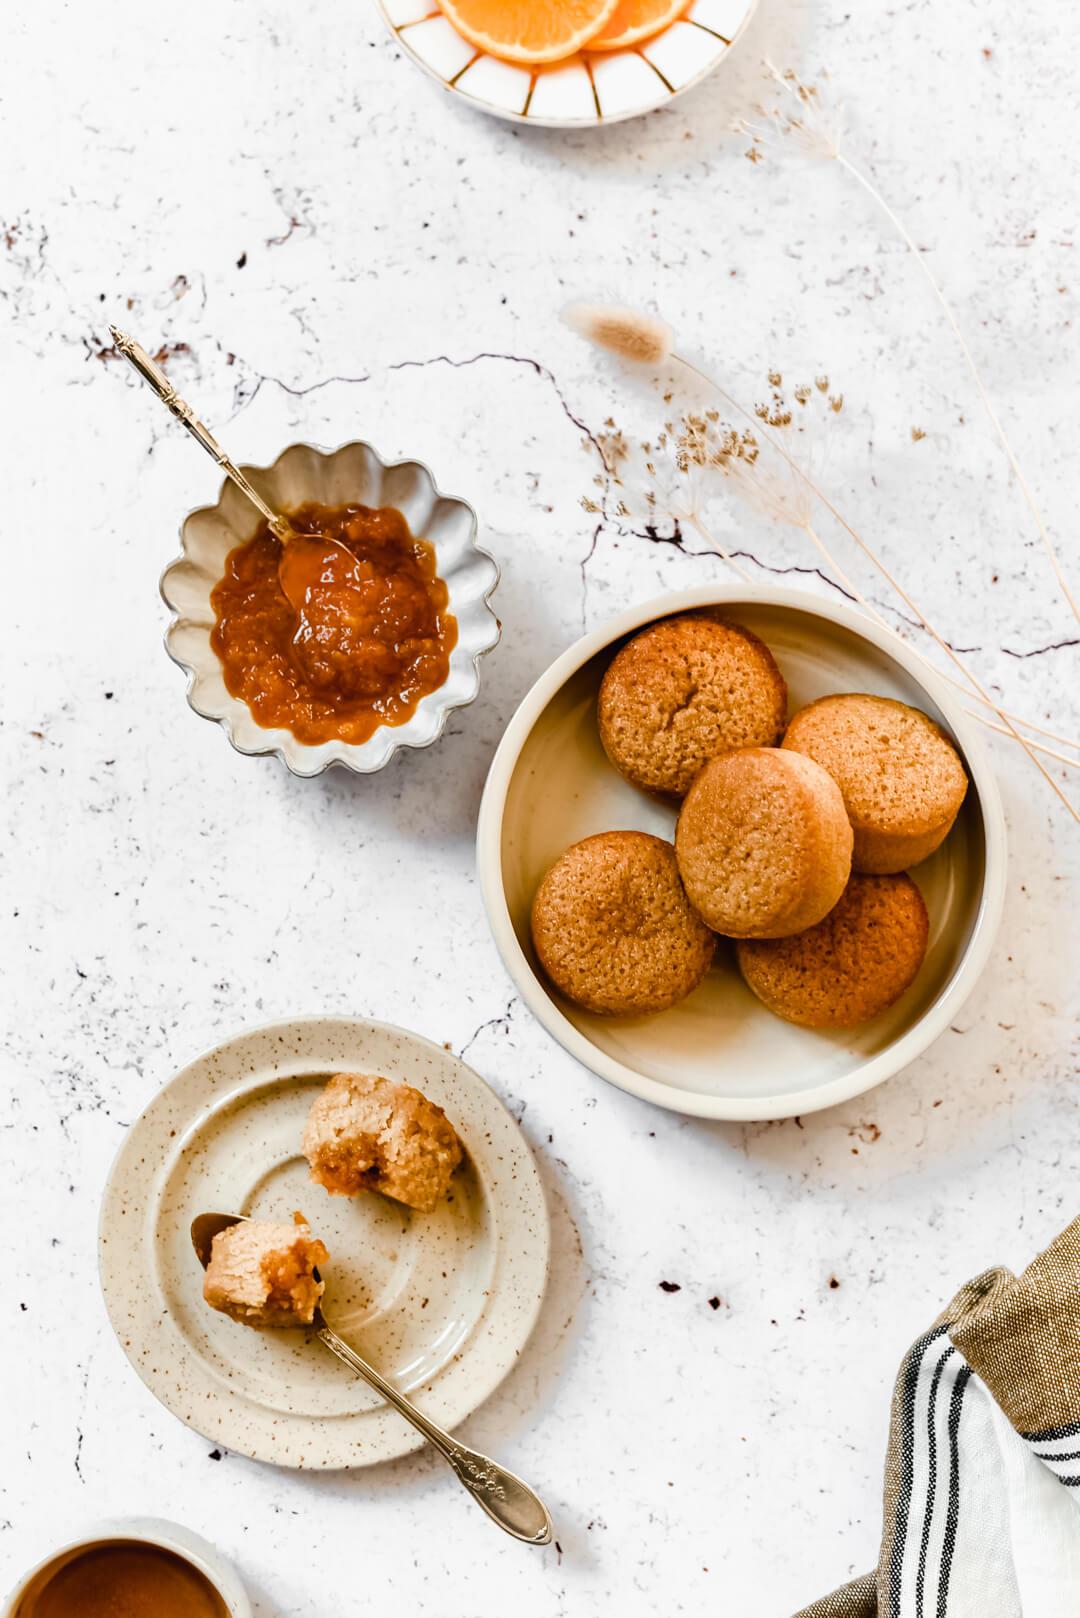 Petits gâteaux et marmelade